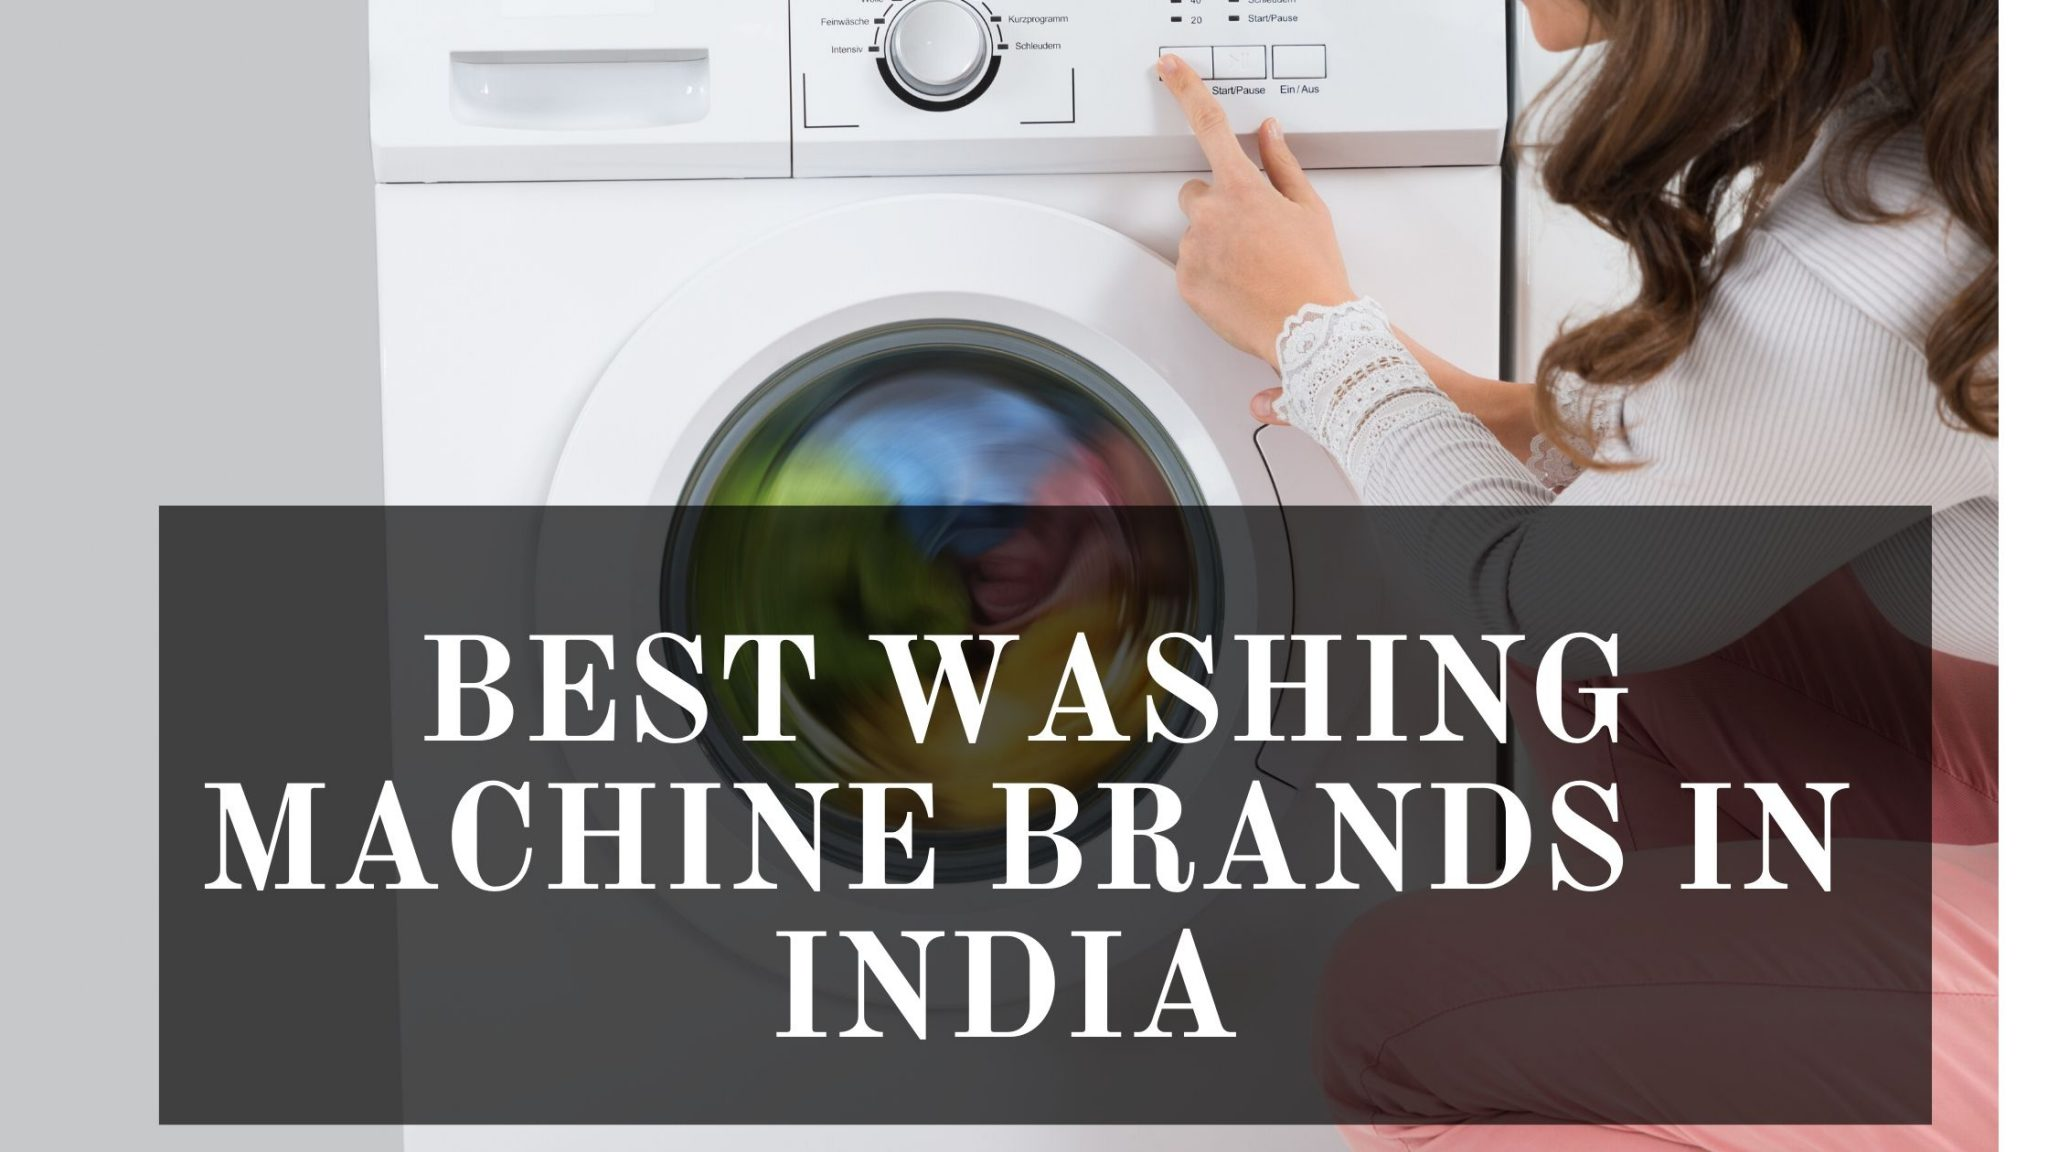 Best Washing Machine Brands in India